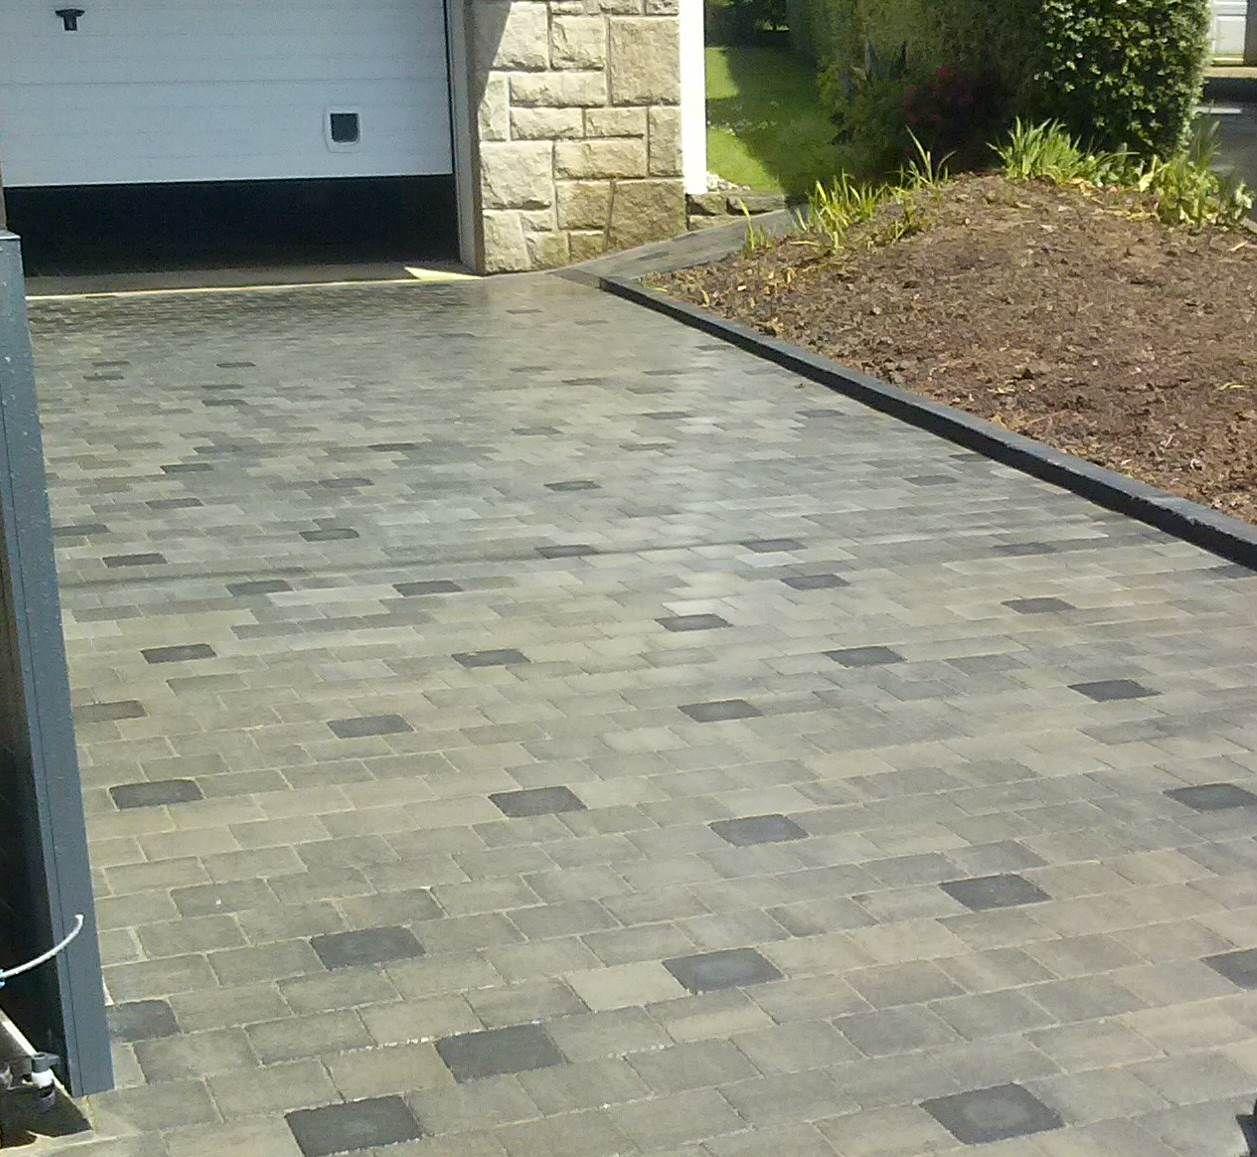 Entr e de garage en pav s gris avec incrustation de pav s plus fonc s et bordures en b ton d co - Entree de garage en pave ...